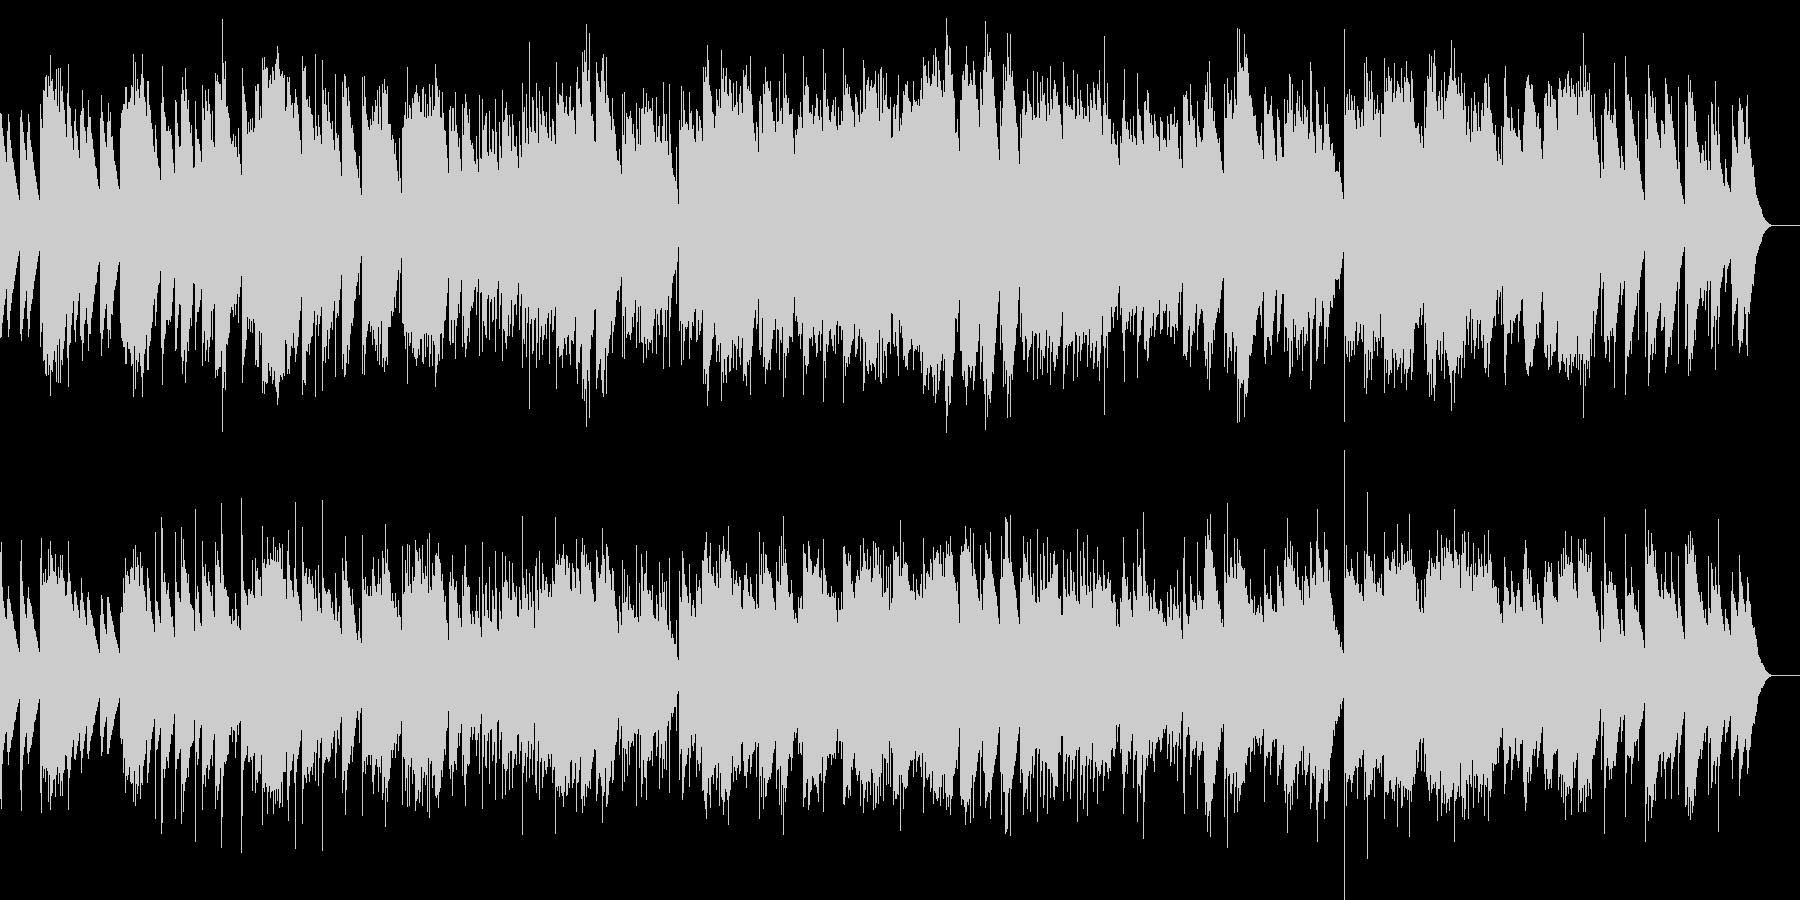 小組曲 3.メヌエット(オルゴール)の未再生の波形